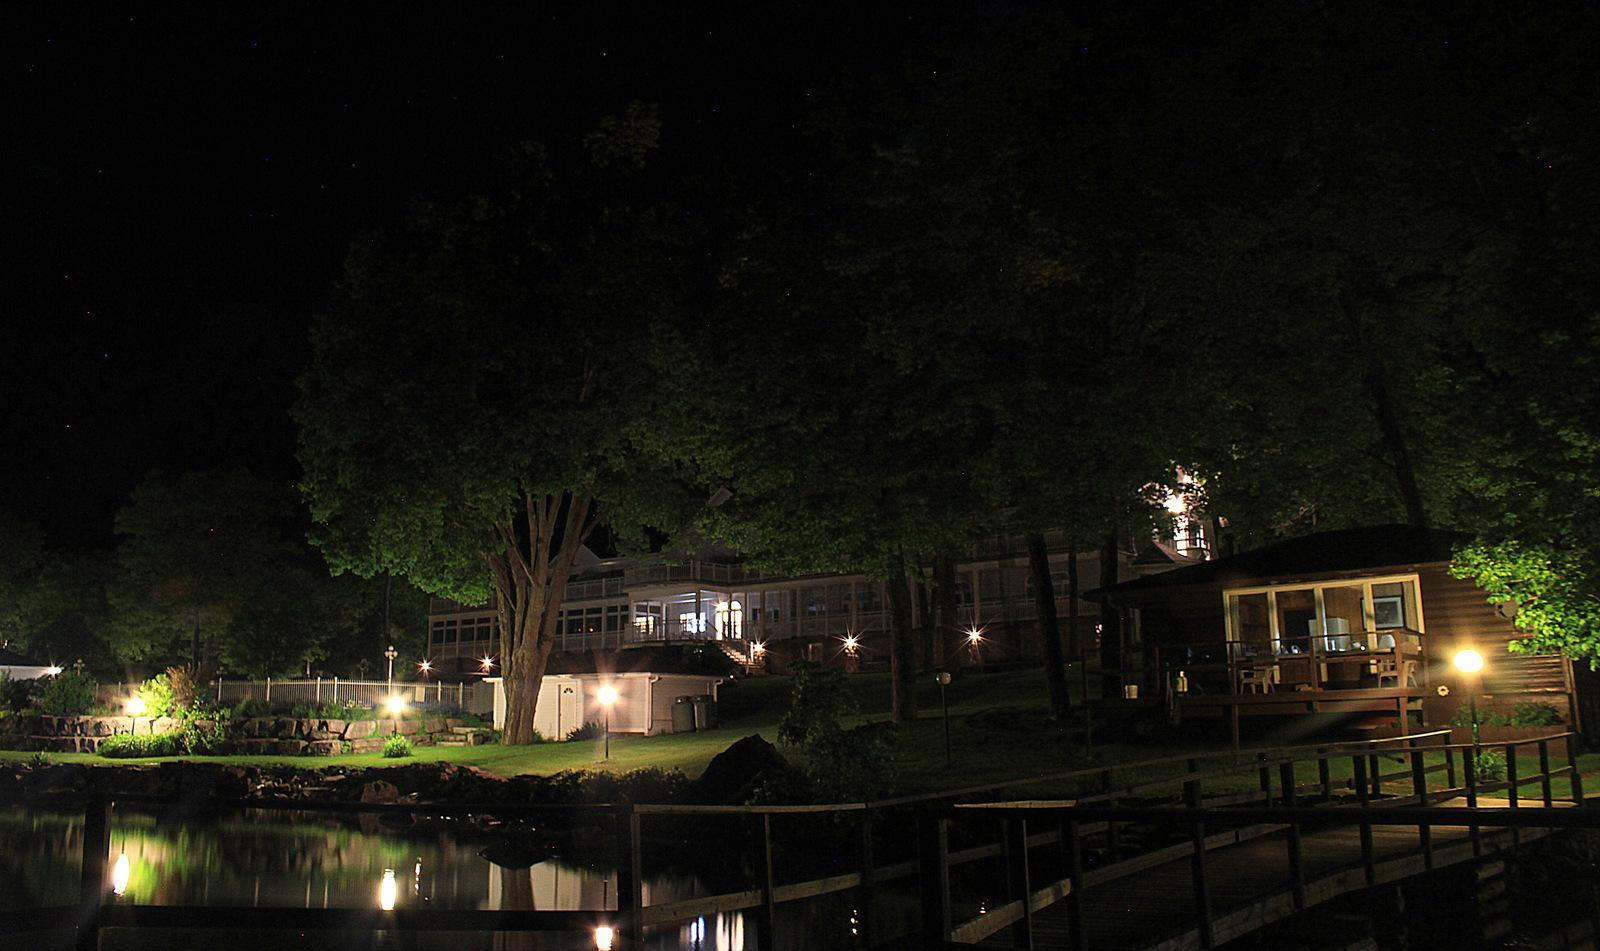 Viamede Resort Dock at Night